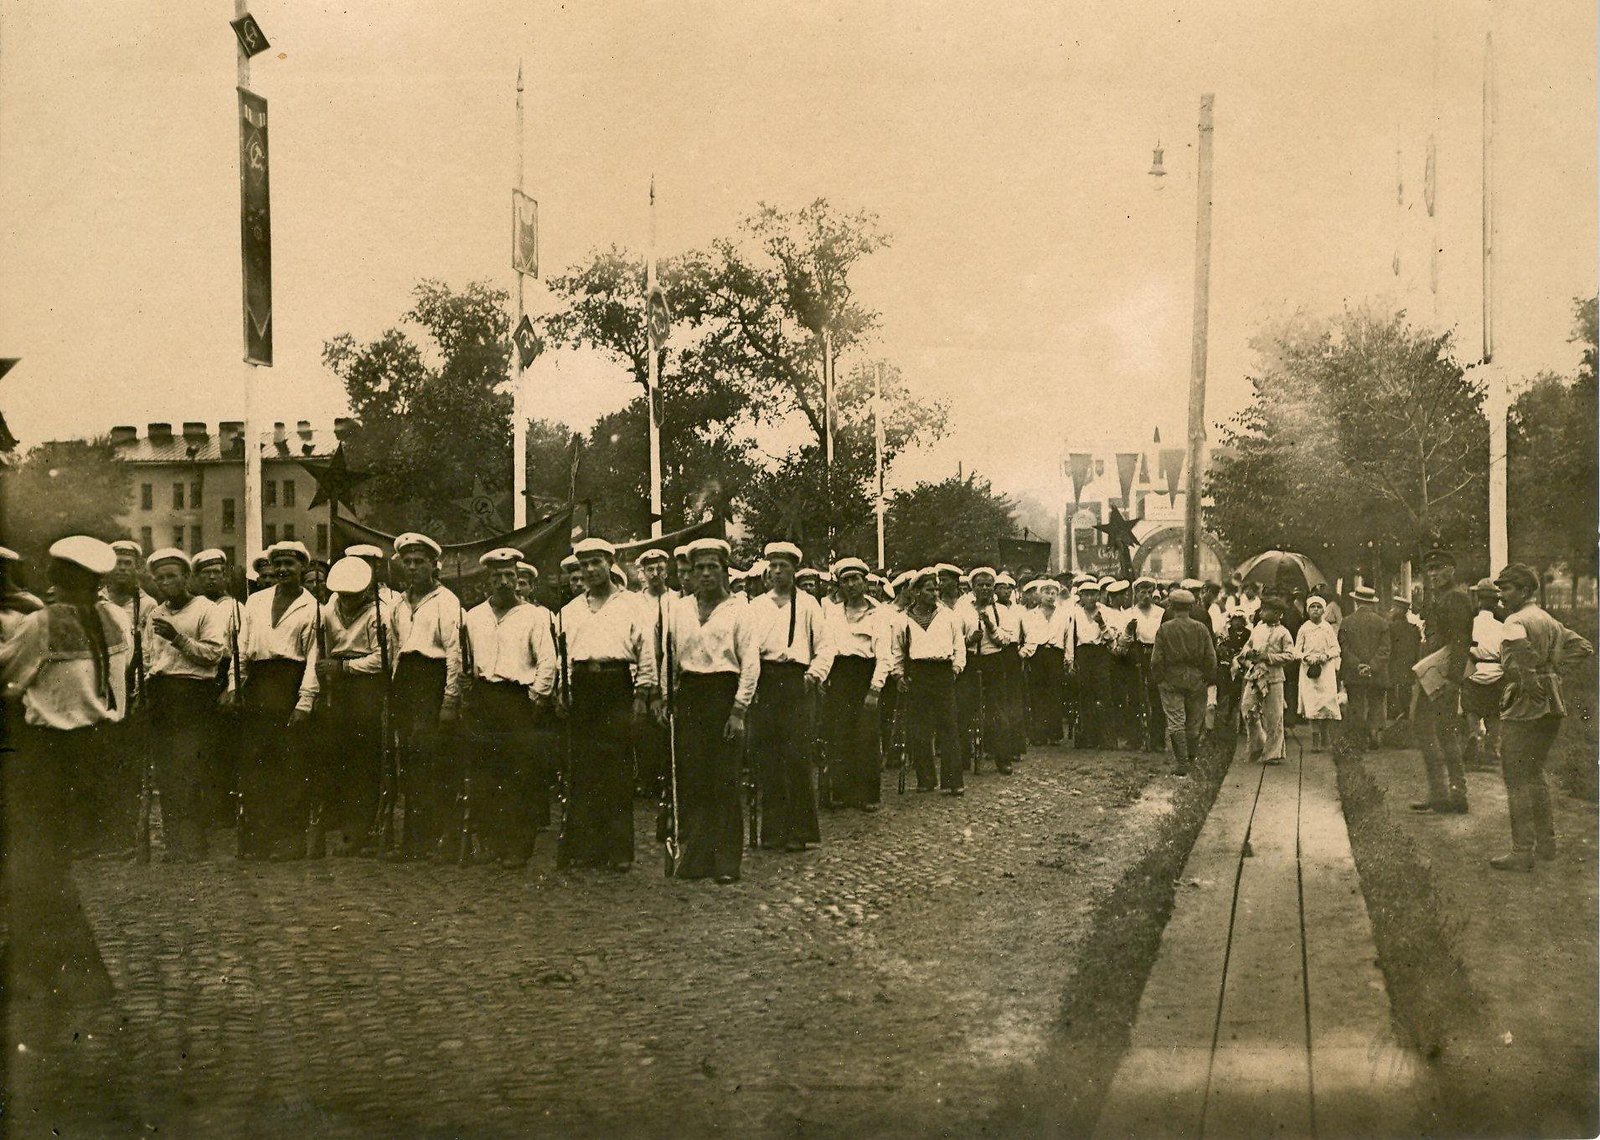 21. 1920. 19 июля.  Почетный караул краснофлотцев на пути в Смольный в день торжественного открытия II конгресса Коминтерна